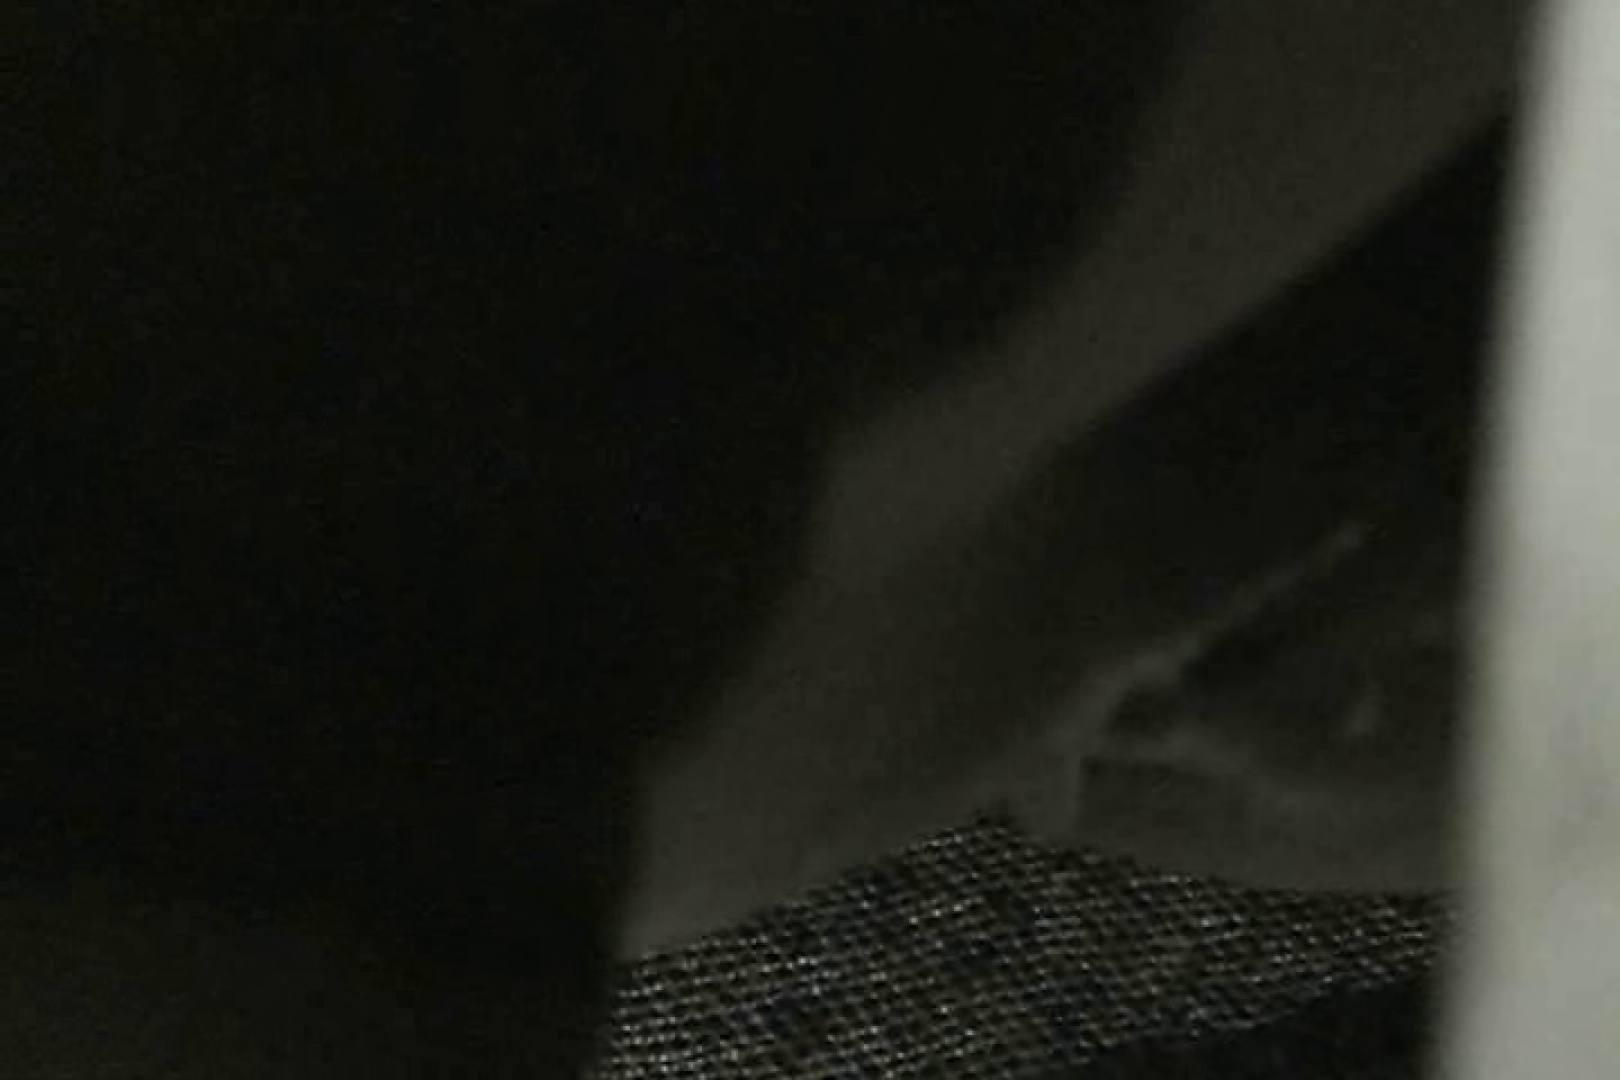 マンコ丸見え女子洗面所Vol.10 洗面所はめどり 濡れ場動画紹介 99画像 2